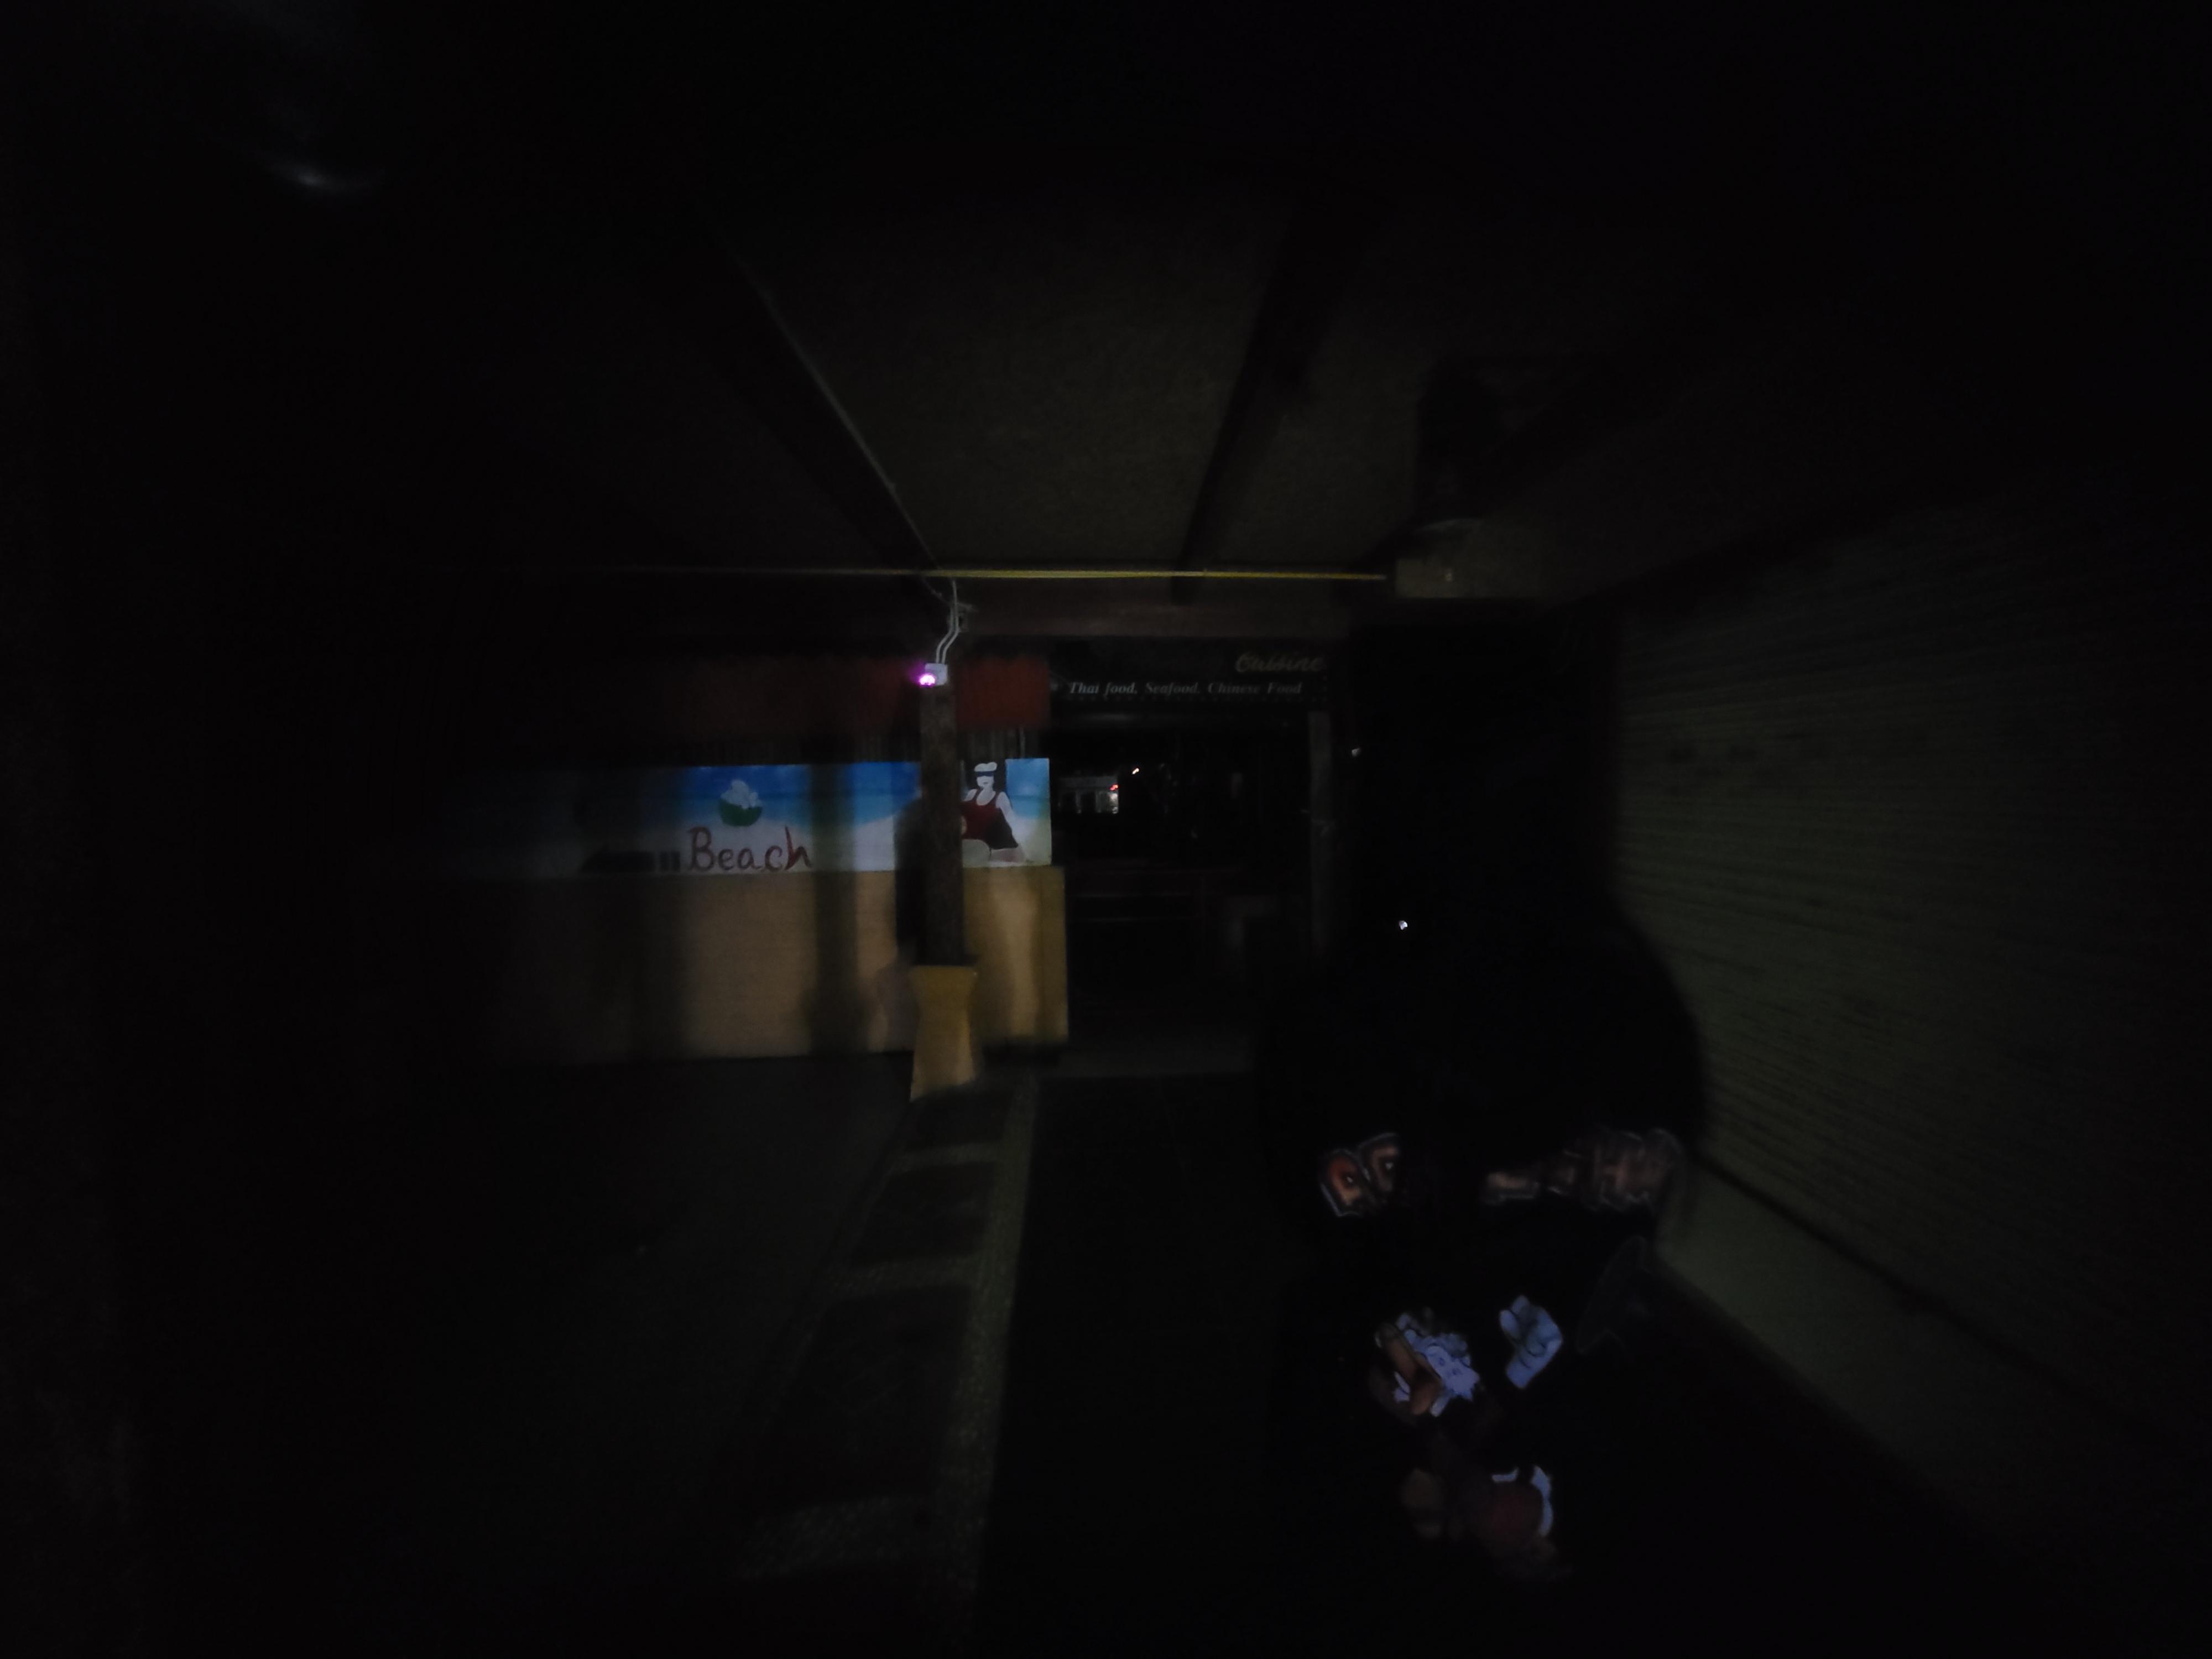 ตรงปลายทางของโซนร้านค้า มืดมากจนต้องใช้ไฟฉายจากมือถือส่องนำทาง